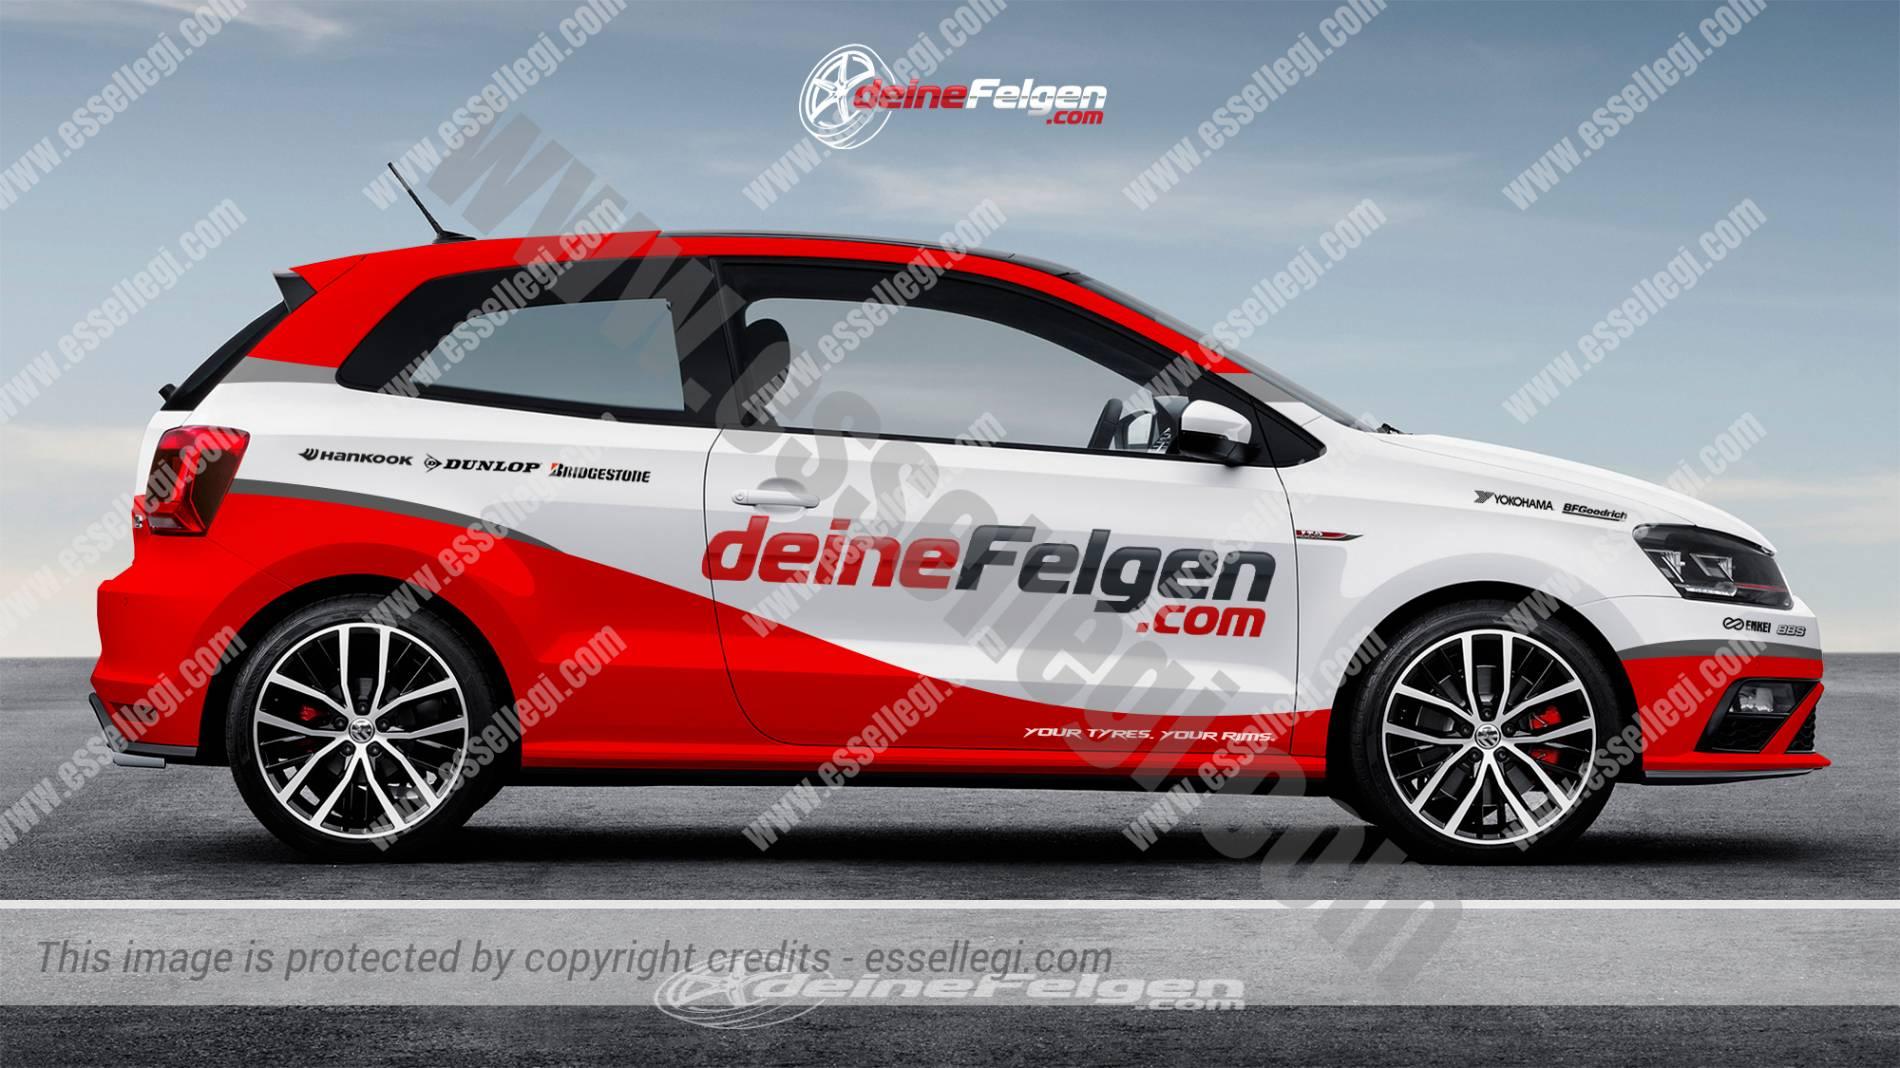 Design car wrap - Volkswagen Polo Car Wrap Design